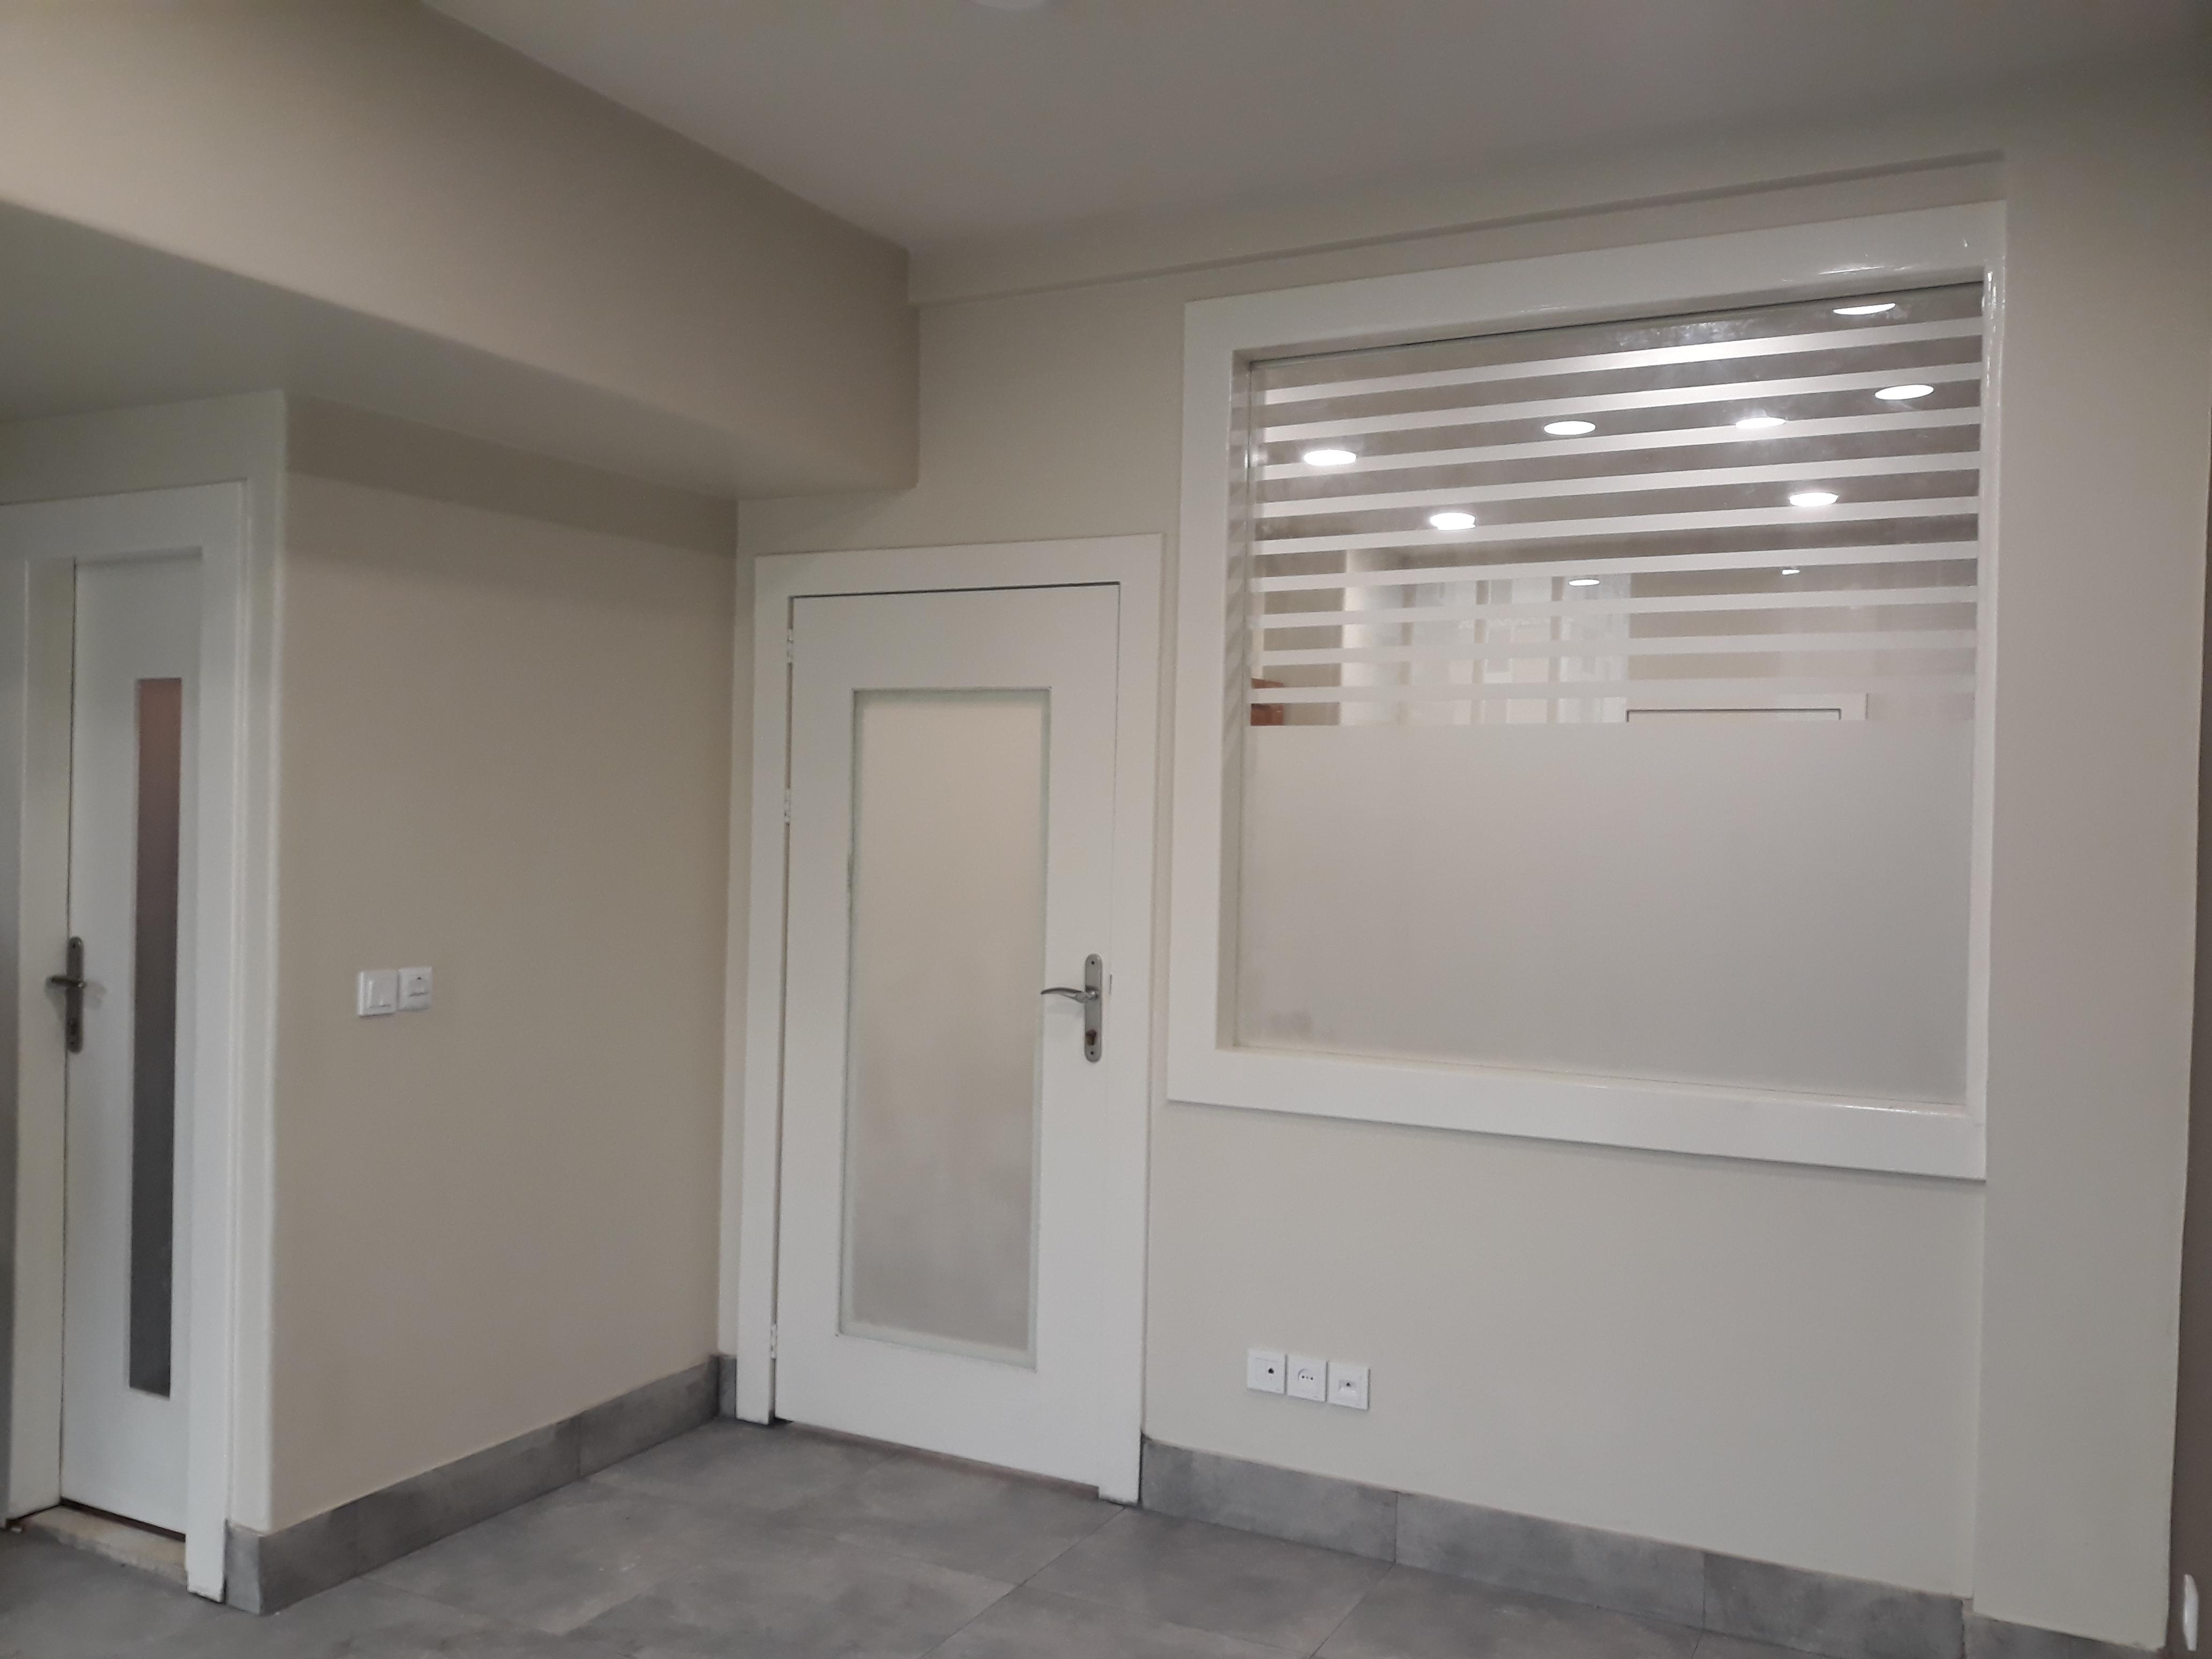 بازسازی کامل دفتر،تهران گلبرگ